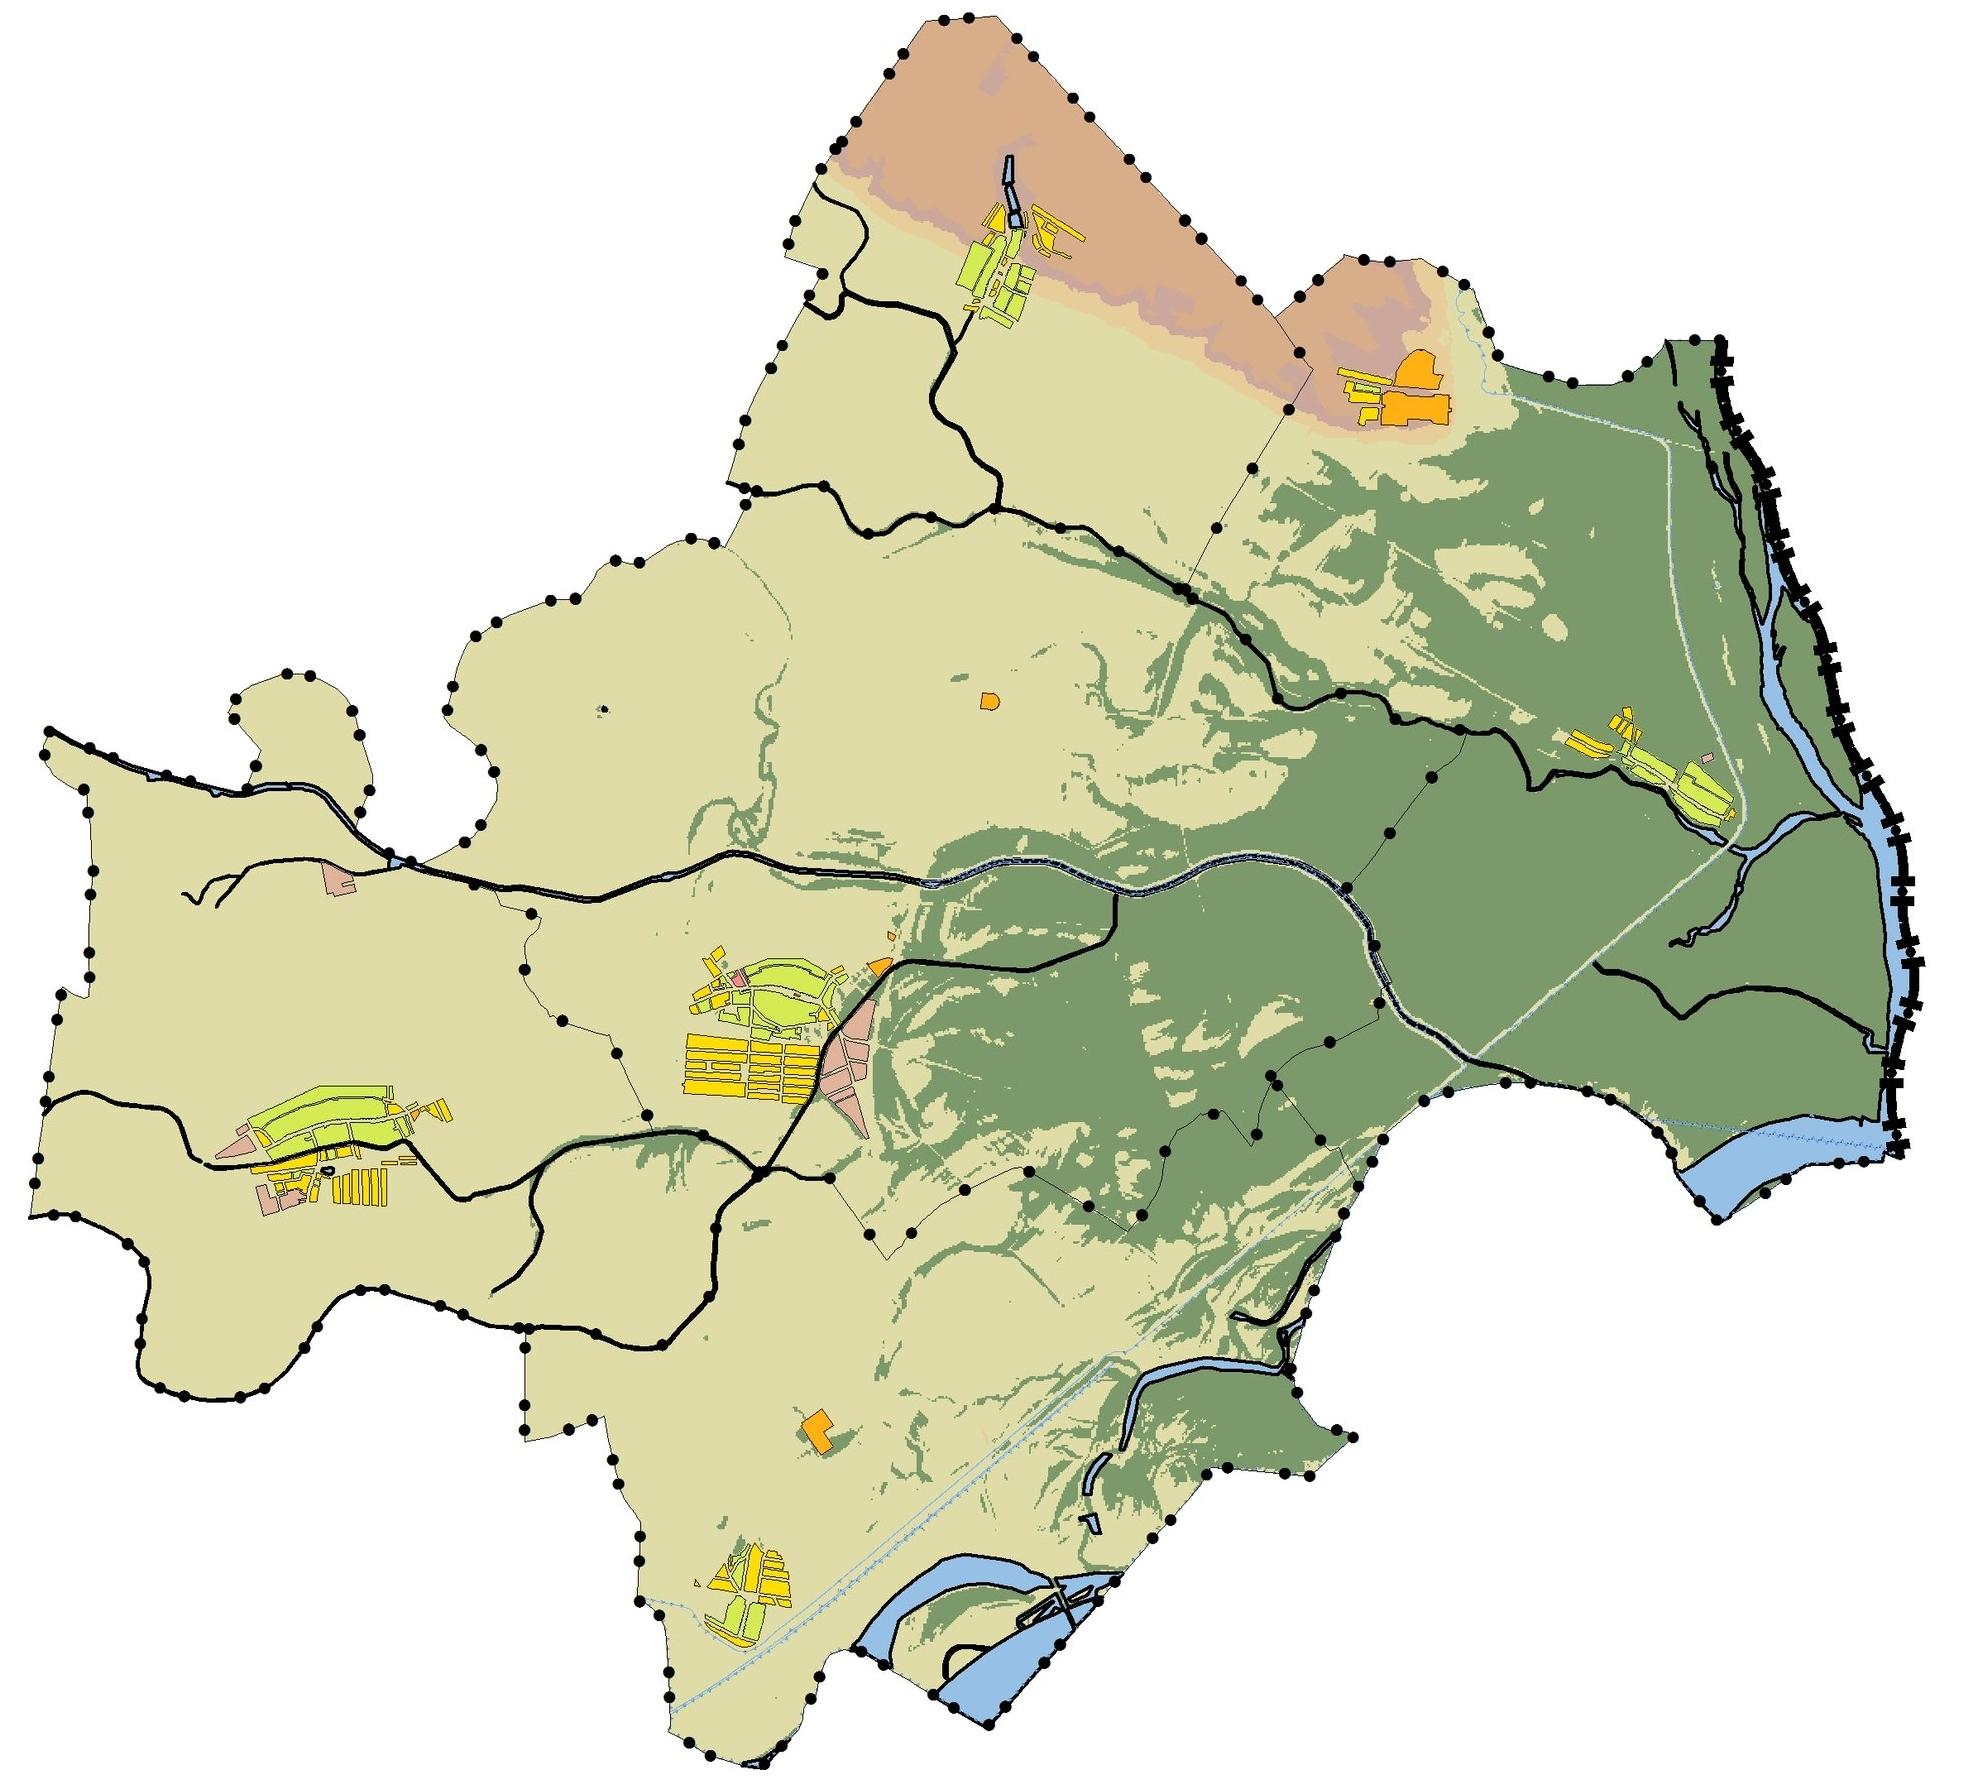 Gemeinde Engelhartstetten, Geländeanalyse